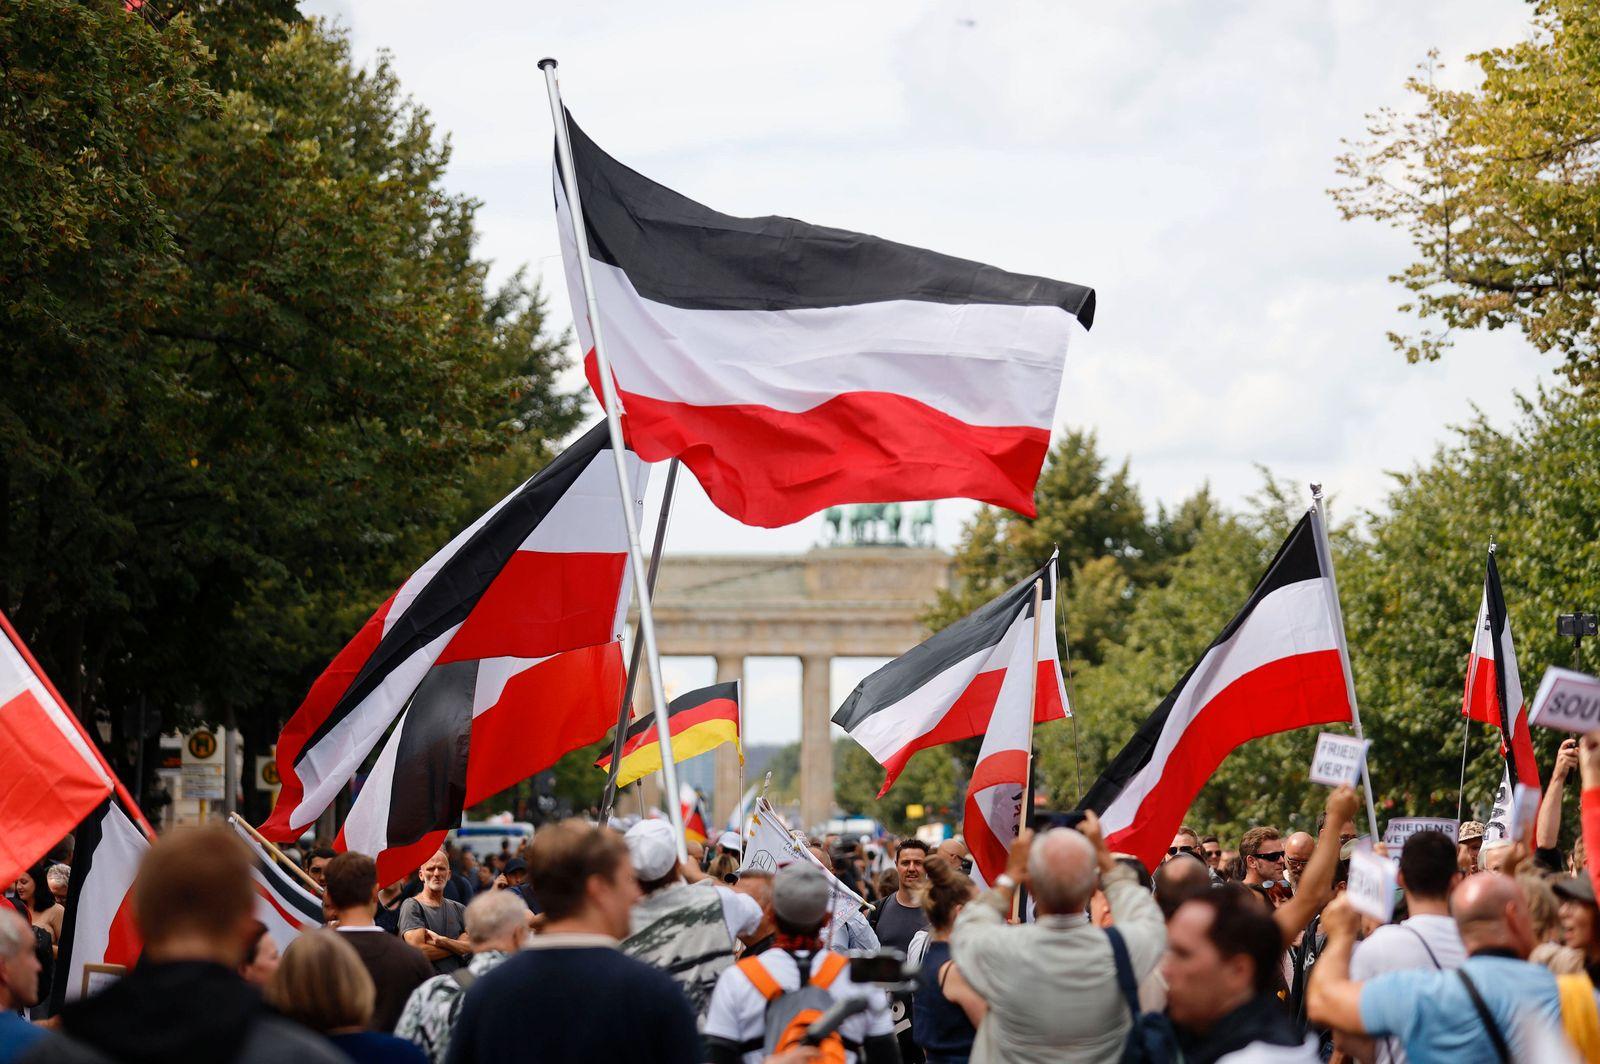 Im Bild die Demo vor der russischen Botschaft. Demonstranten verschiedener Gruppierungen wie etwa der Initiative Querde